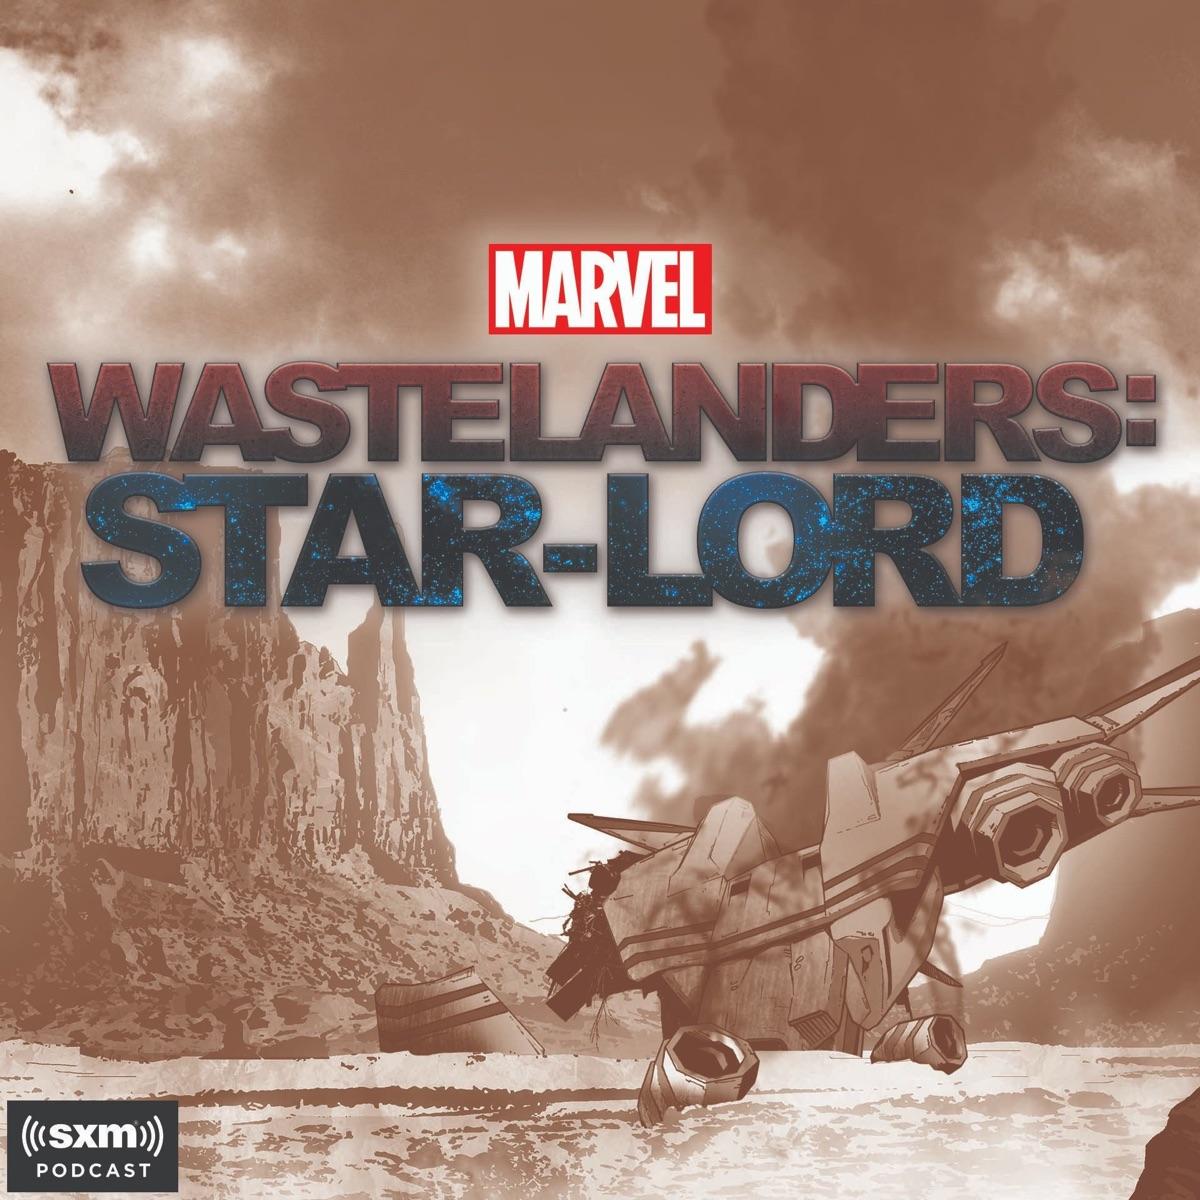 Marvel's Wastelanders: Hawkeye - Trailer